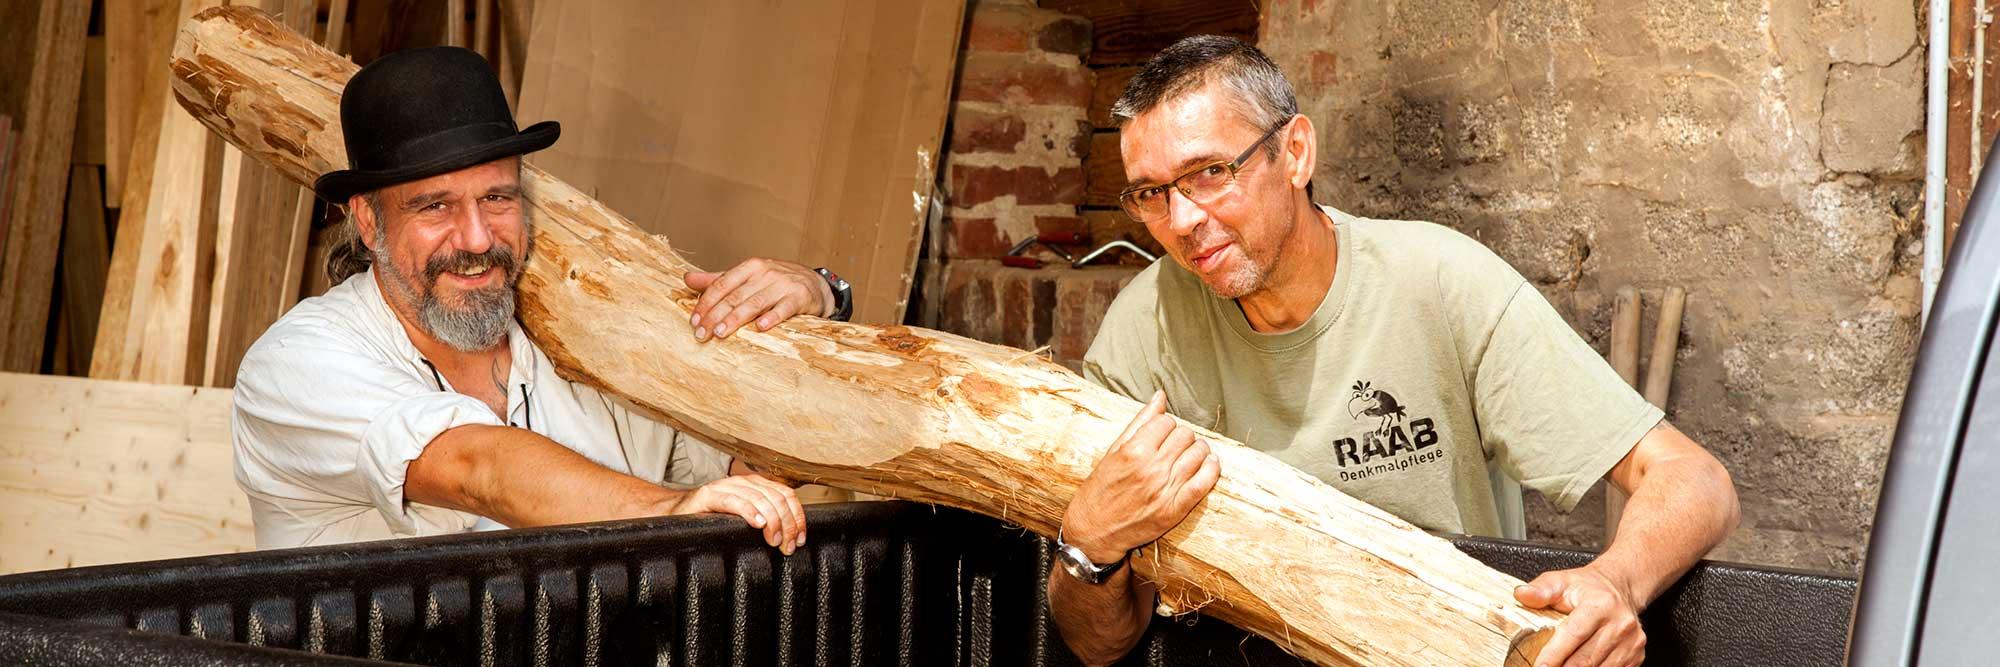 Betriebsinhaber Thorsten Raab und sein Altgeselle halten einen geschälten Baumstamm